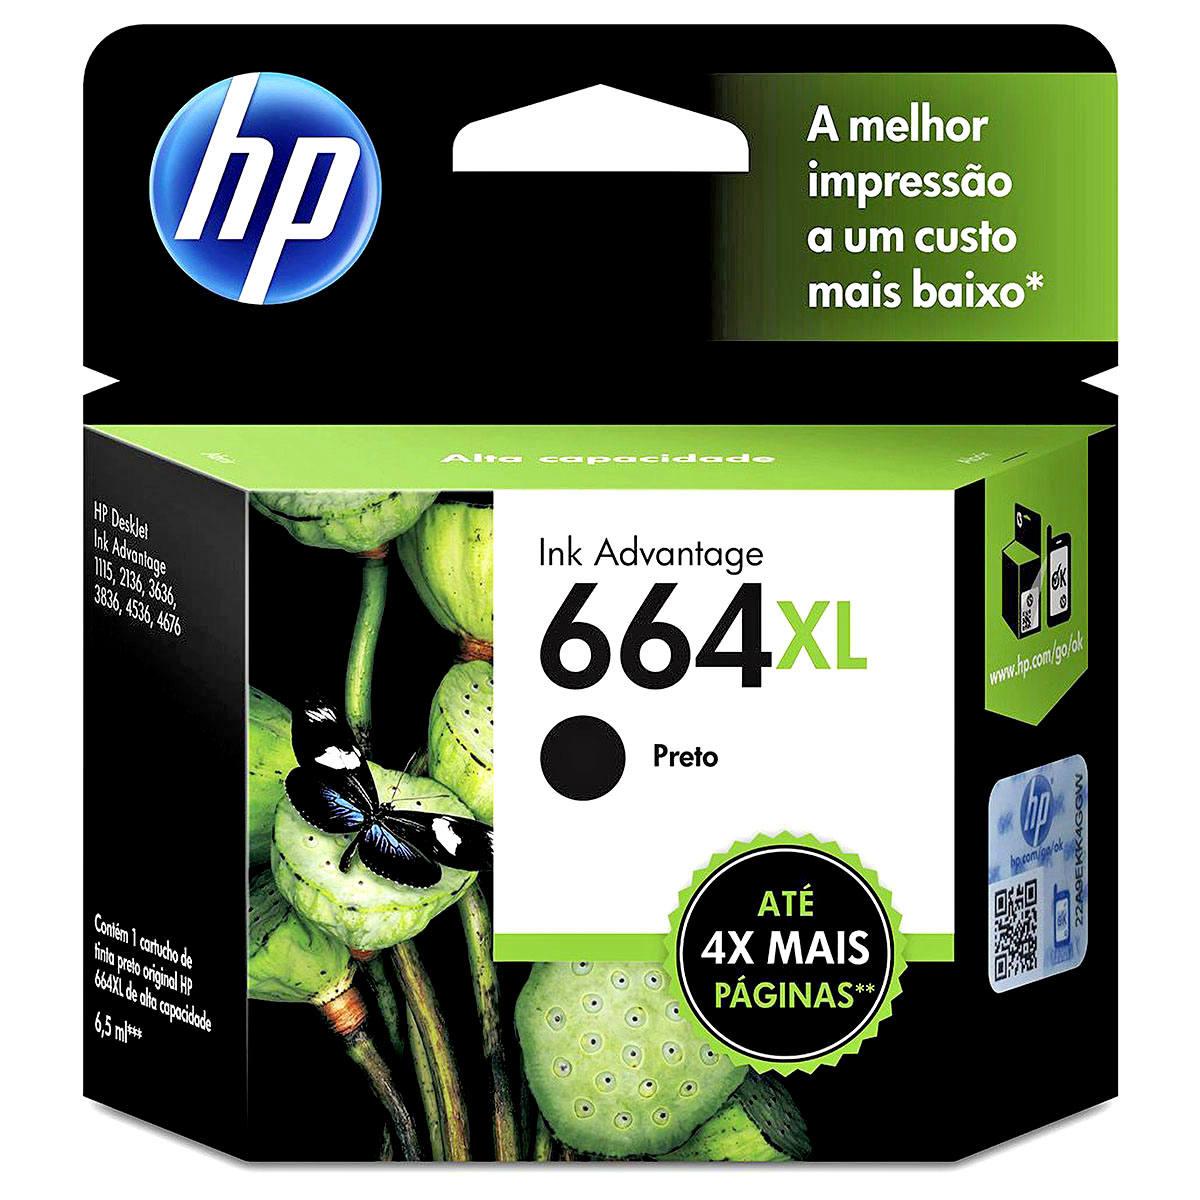 Cartucho de Tinta HP 664XL Preto F6V31AB F6V31A para HP Deskjet 1115 2136 3836 5076 Original 8,5ml Alto Rendimento